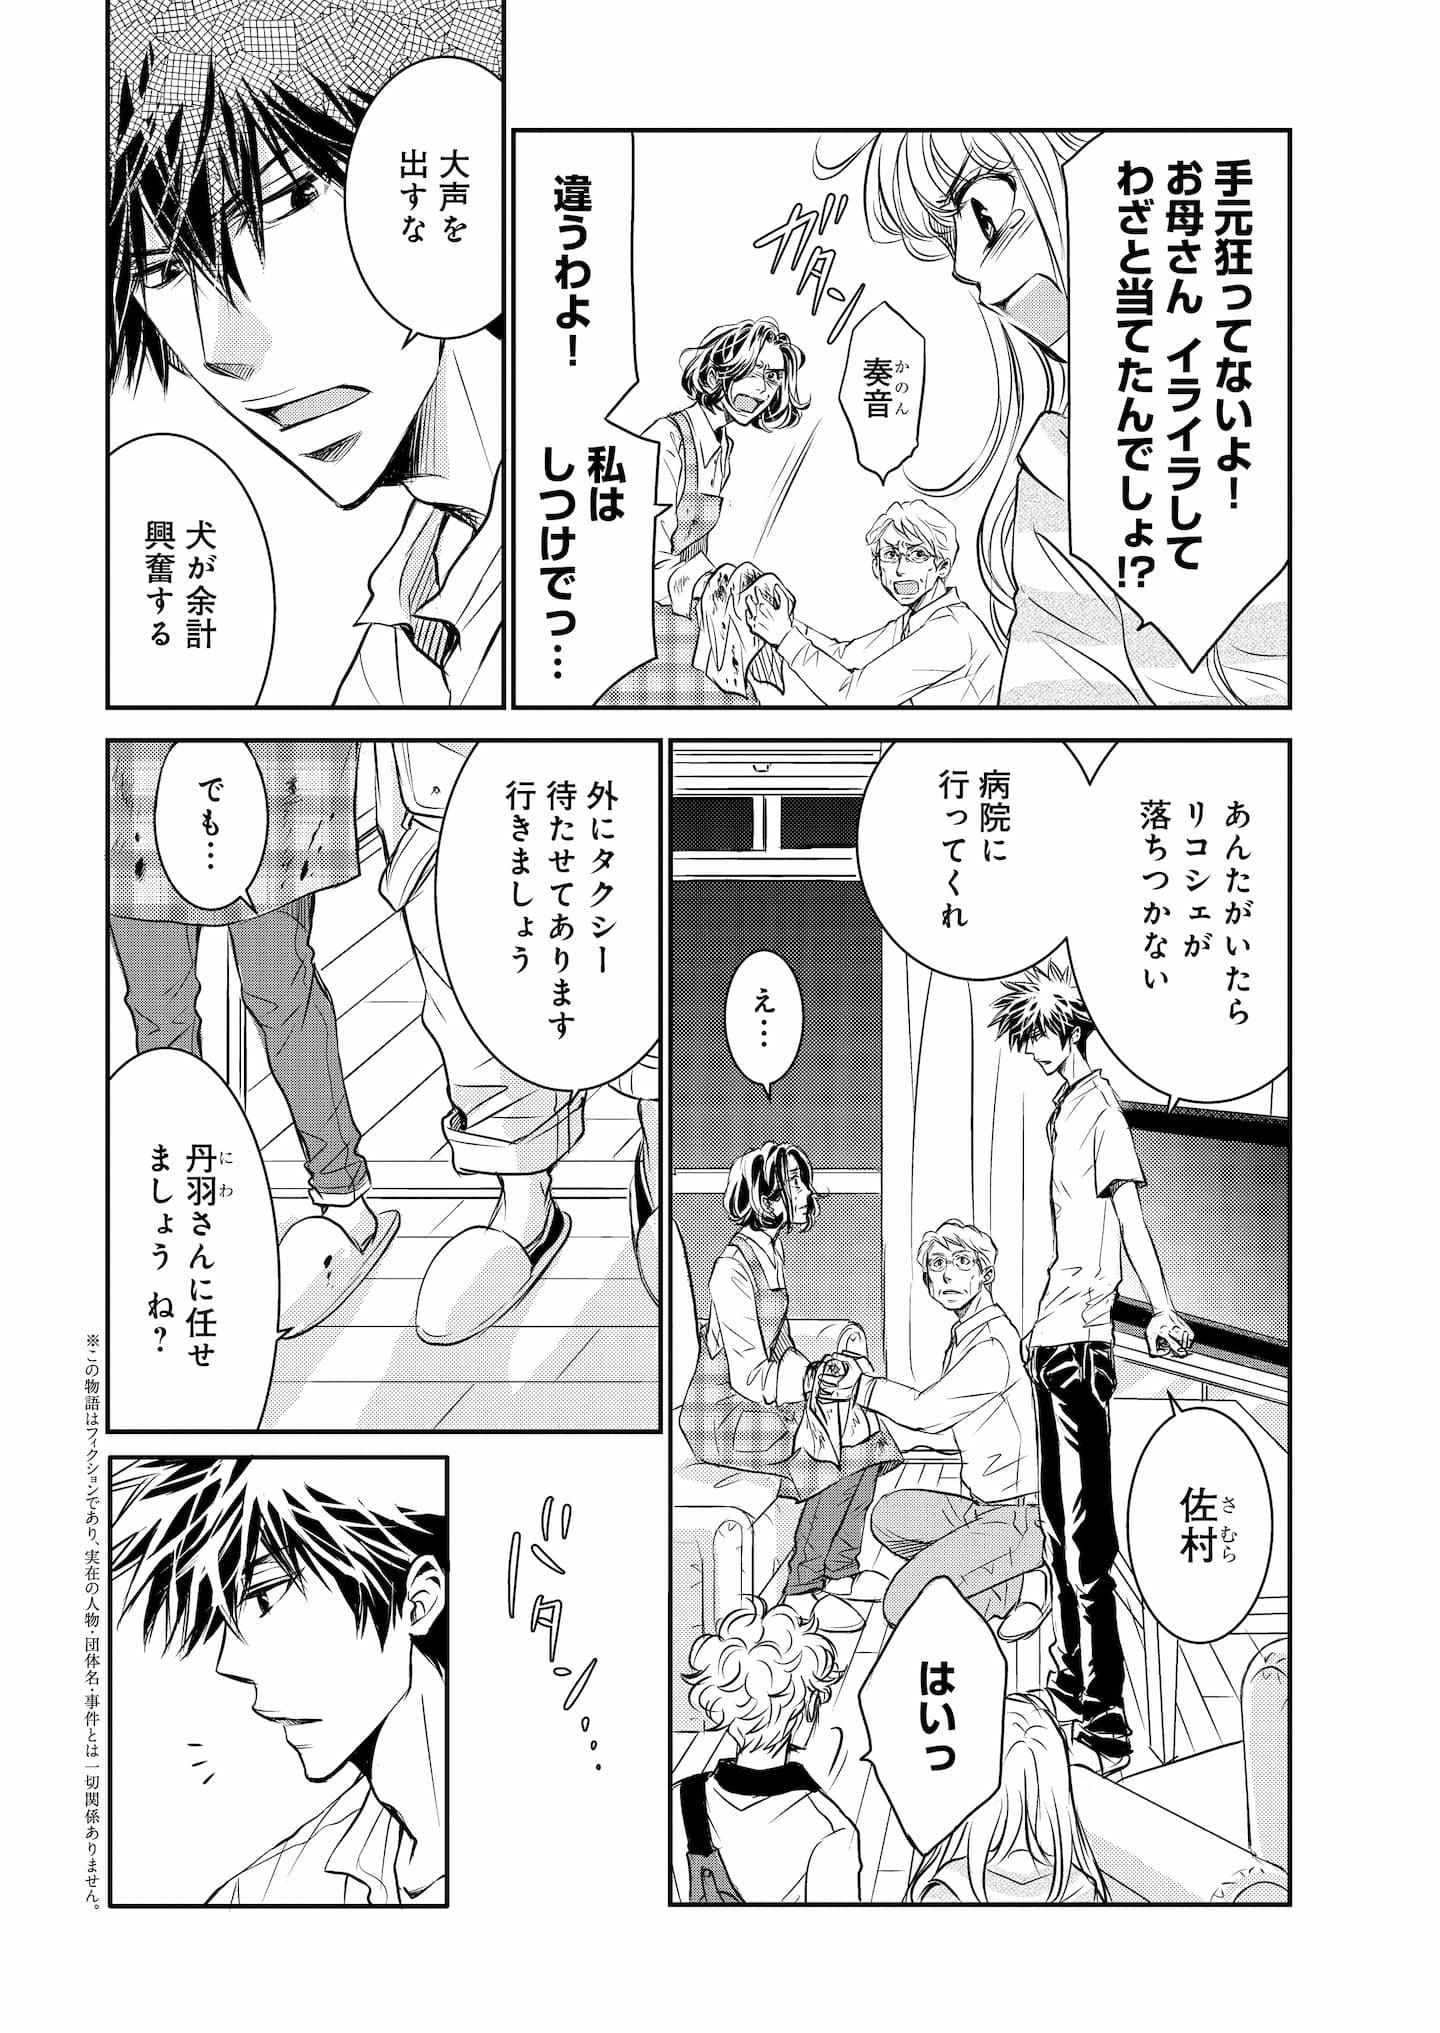 『DOG SIGNAL』5話目① 3ページ目